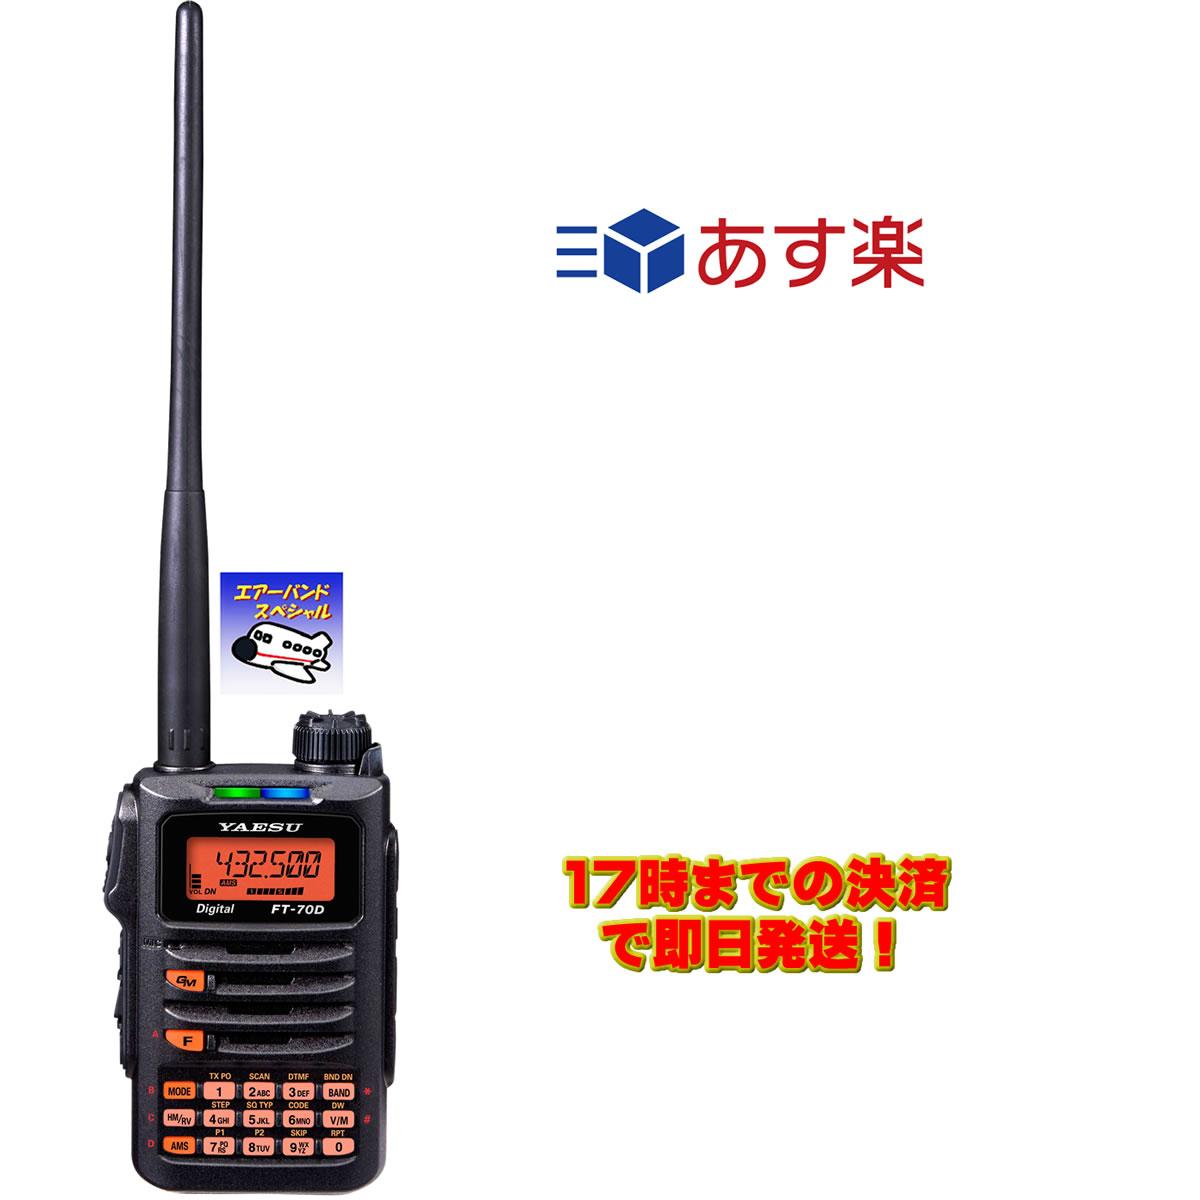 【ラッキーシール対応】 FT-70D エアーバンドスペシャル 八重洲無線 C4FM/FM 144/430MHz デュアルバンドデジタルトランシーバー